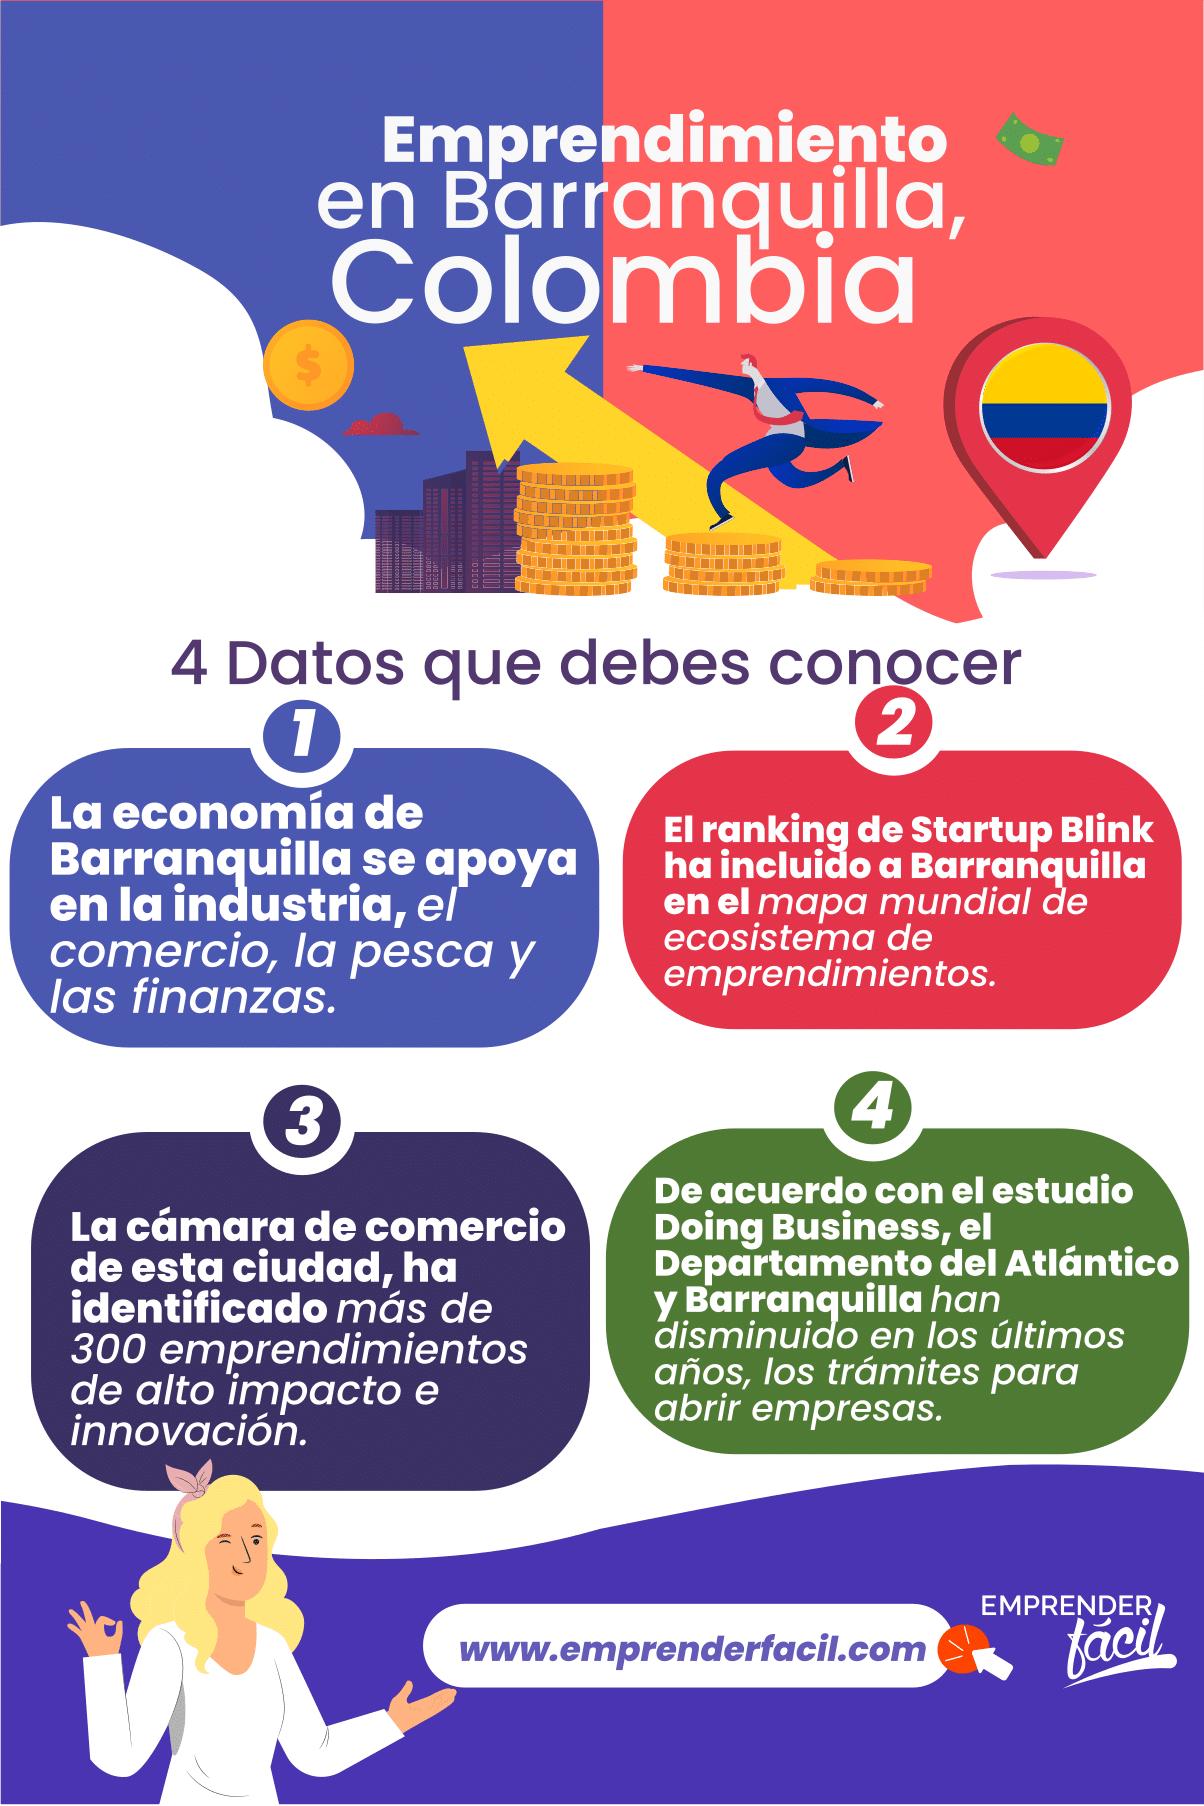 Datos y características sobre el emprendimiento en Barranquilla